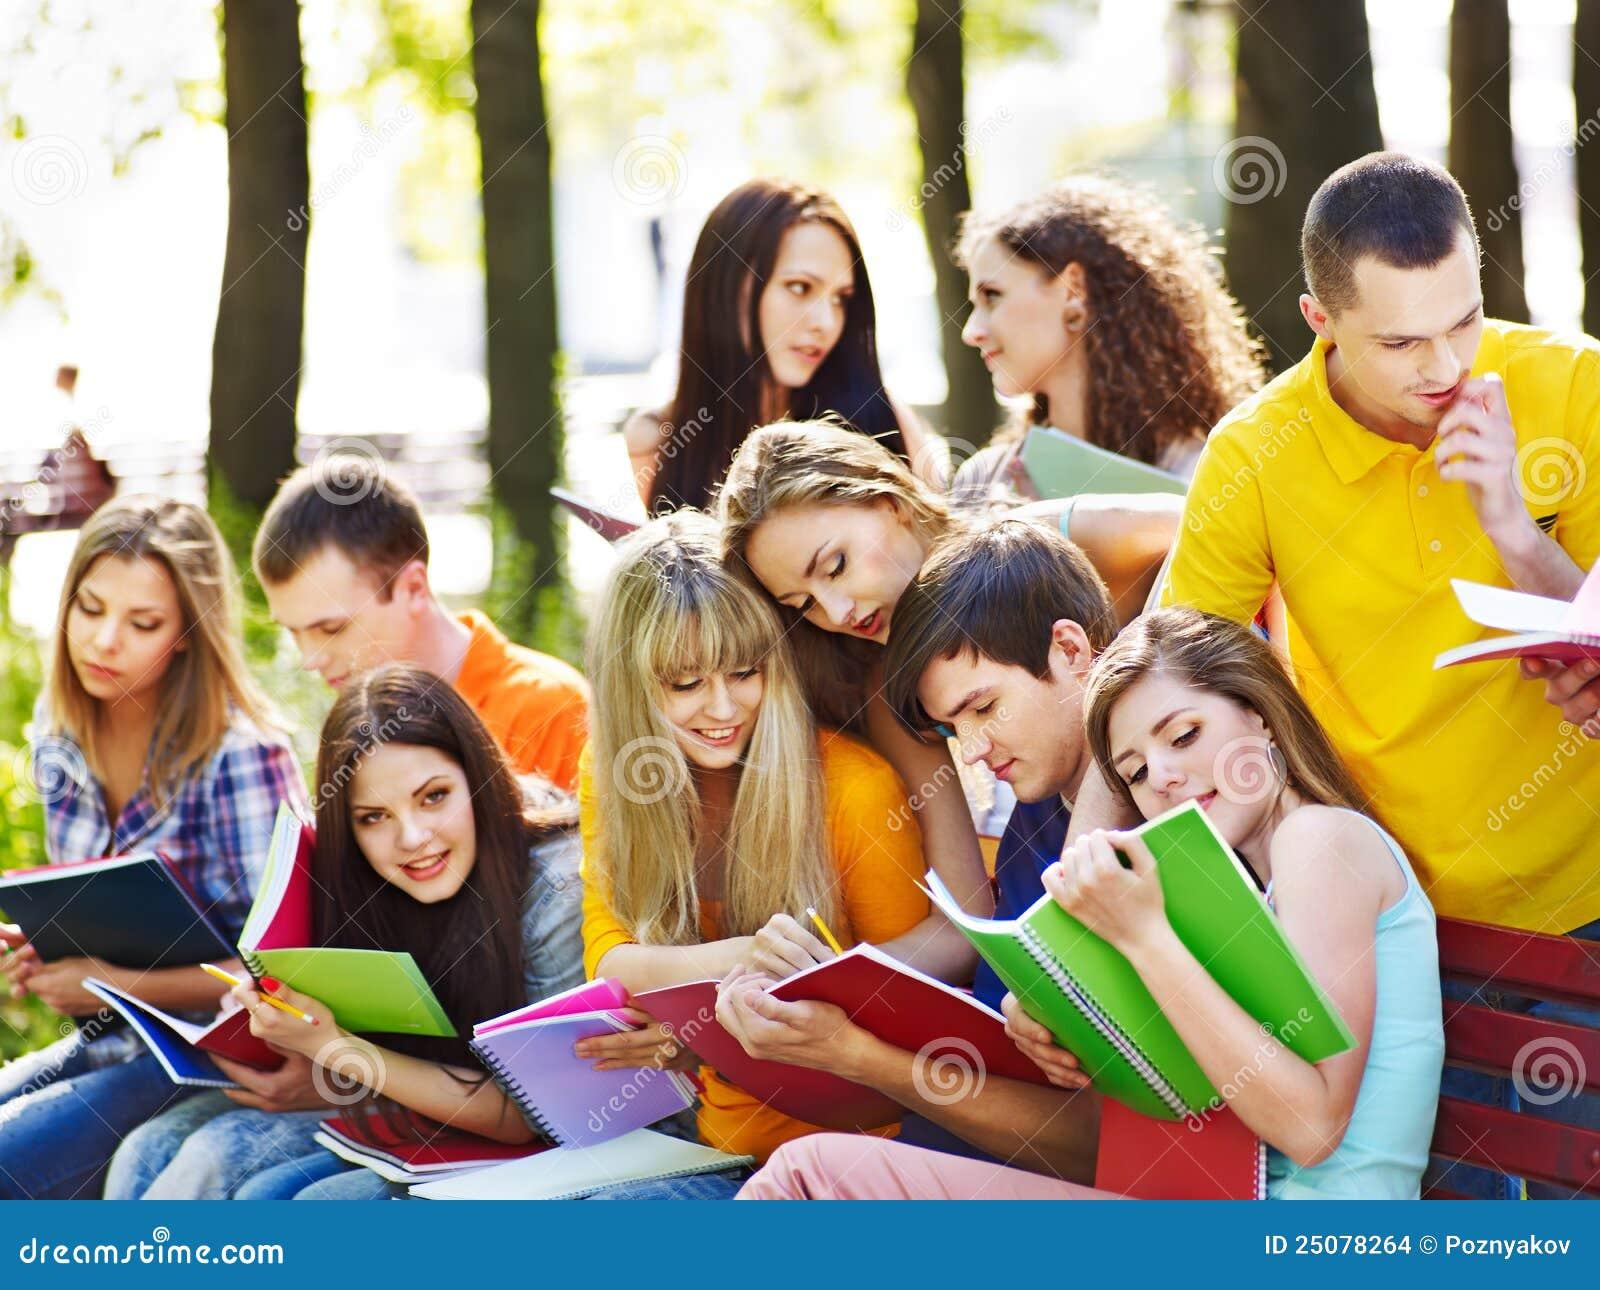 Студенты на пикниках 20 фотография